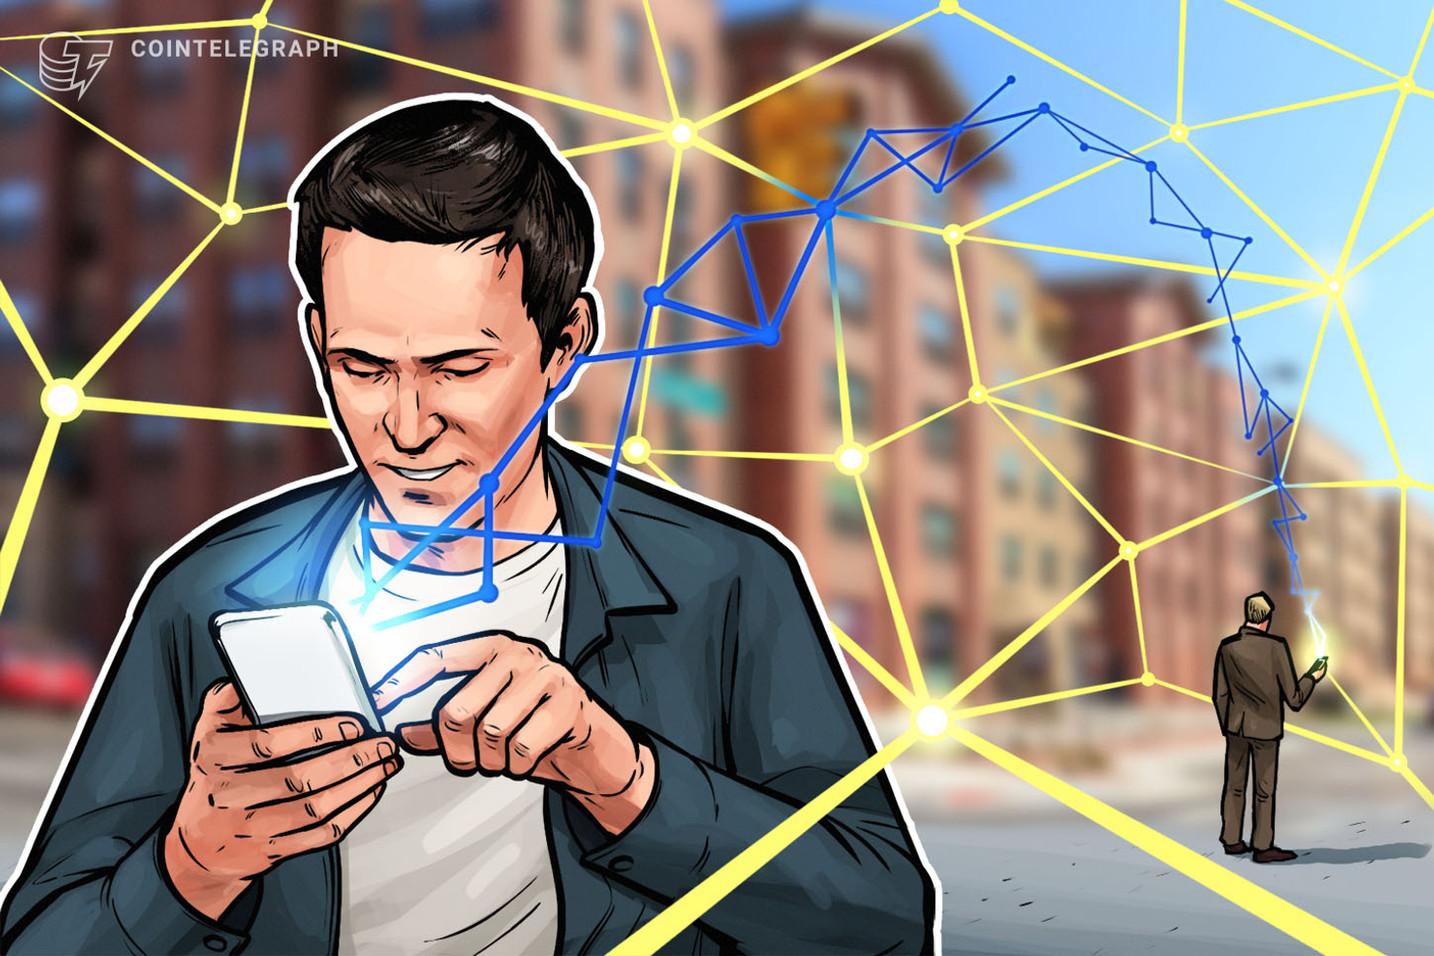 仮想通貨取引所ディーカレット、レバレッジ取引専用アプリの提供開始【ニュース】